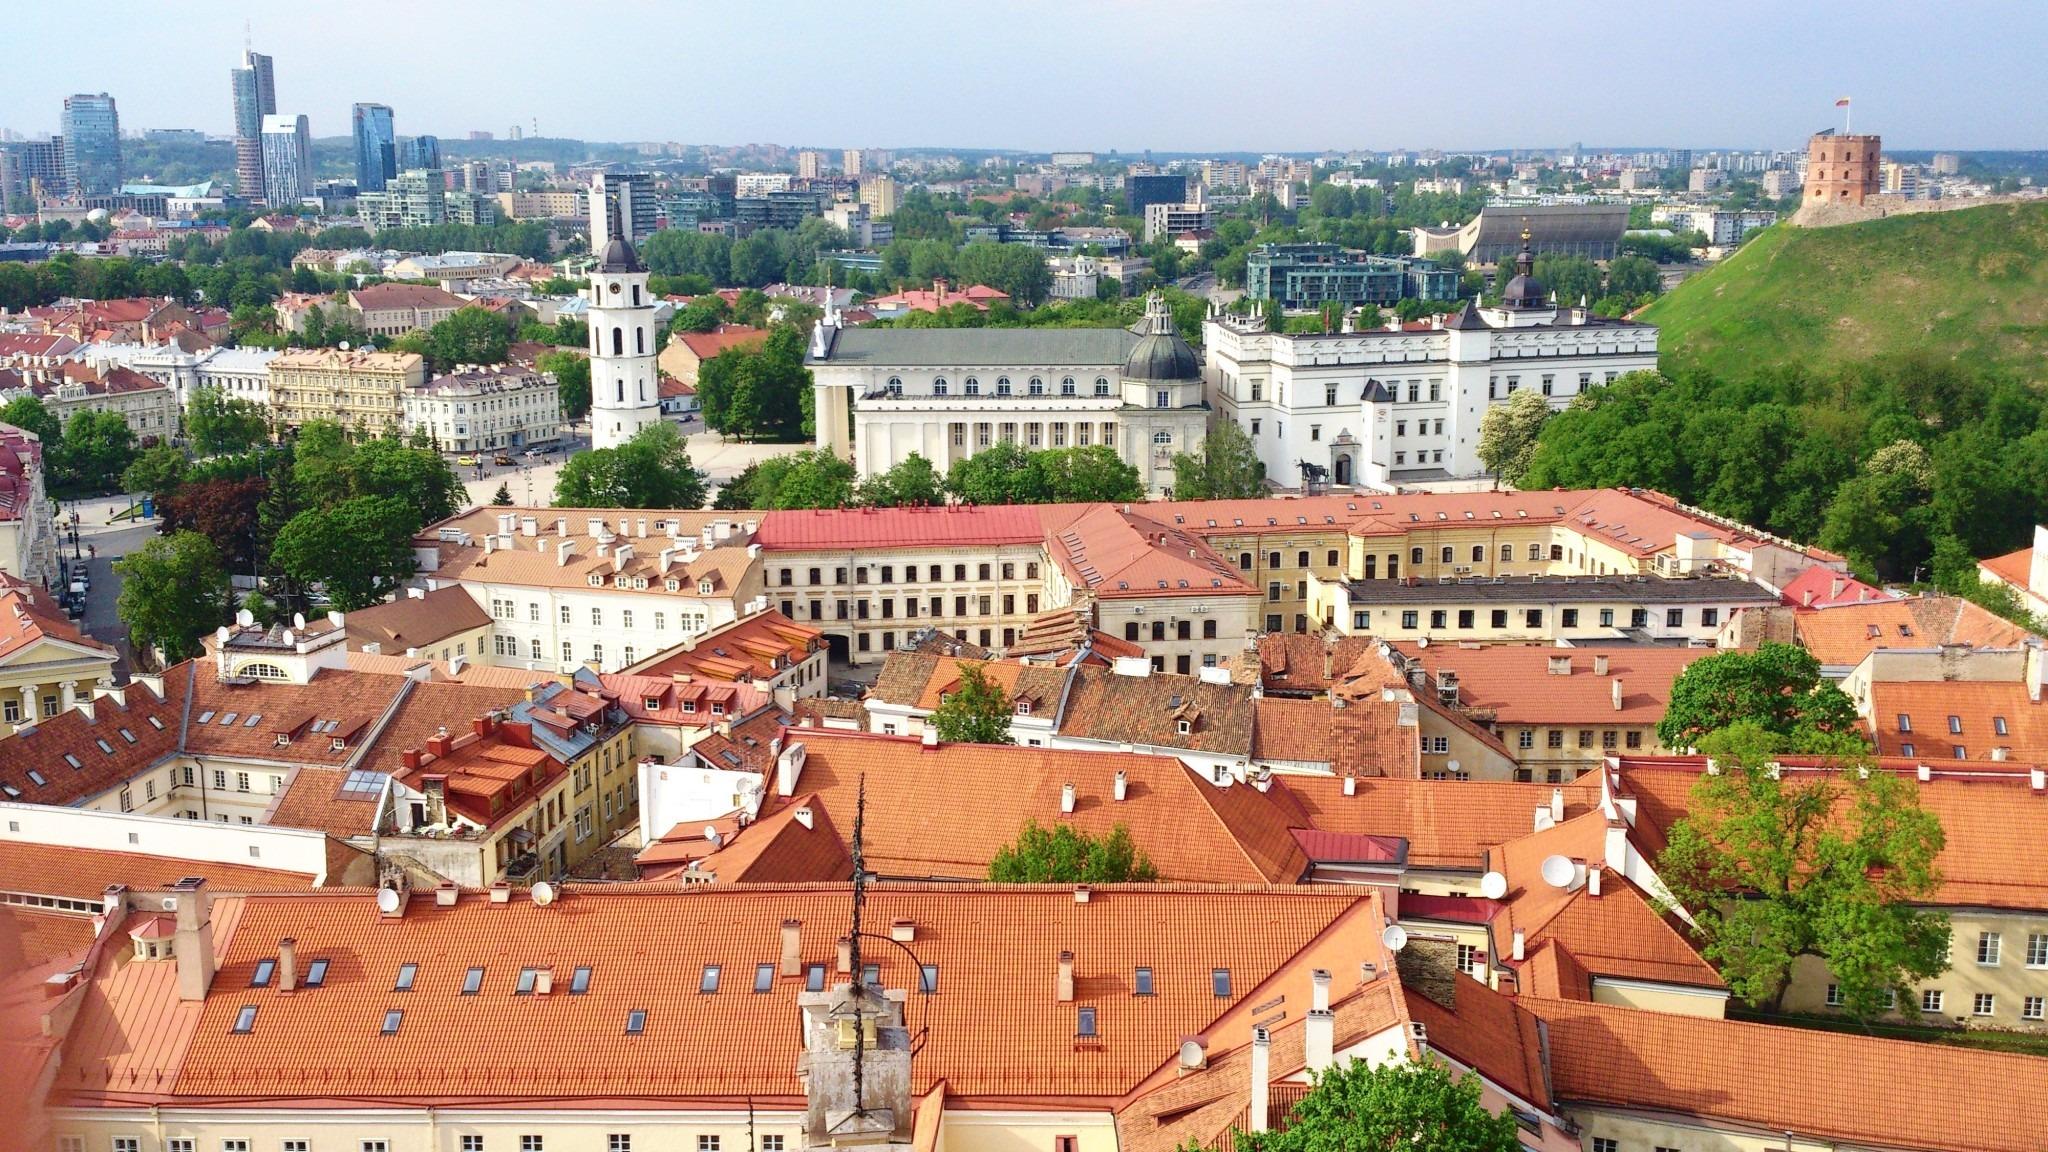 Rooftops of Vilnius